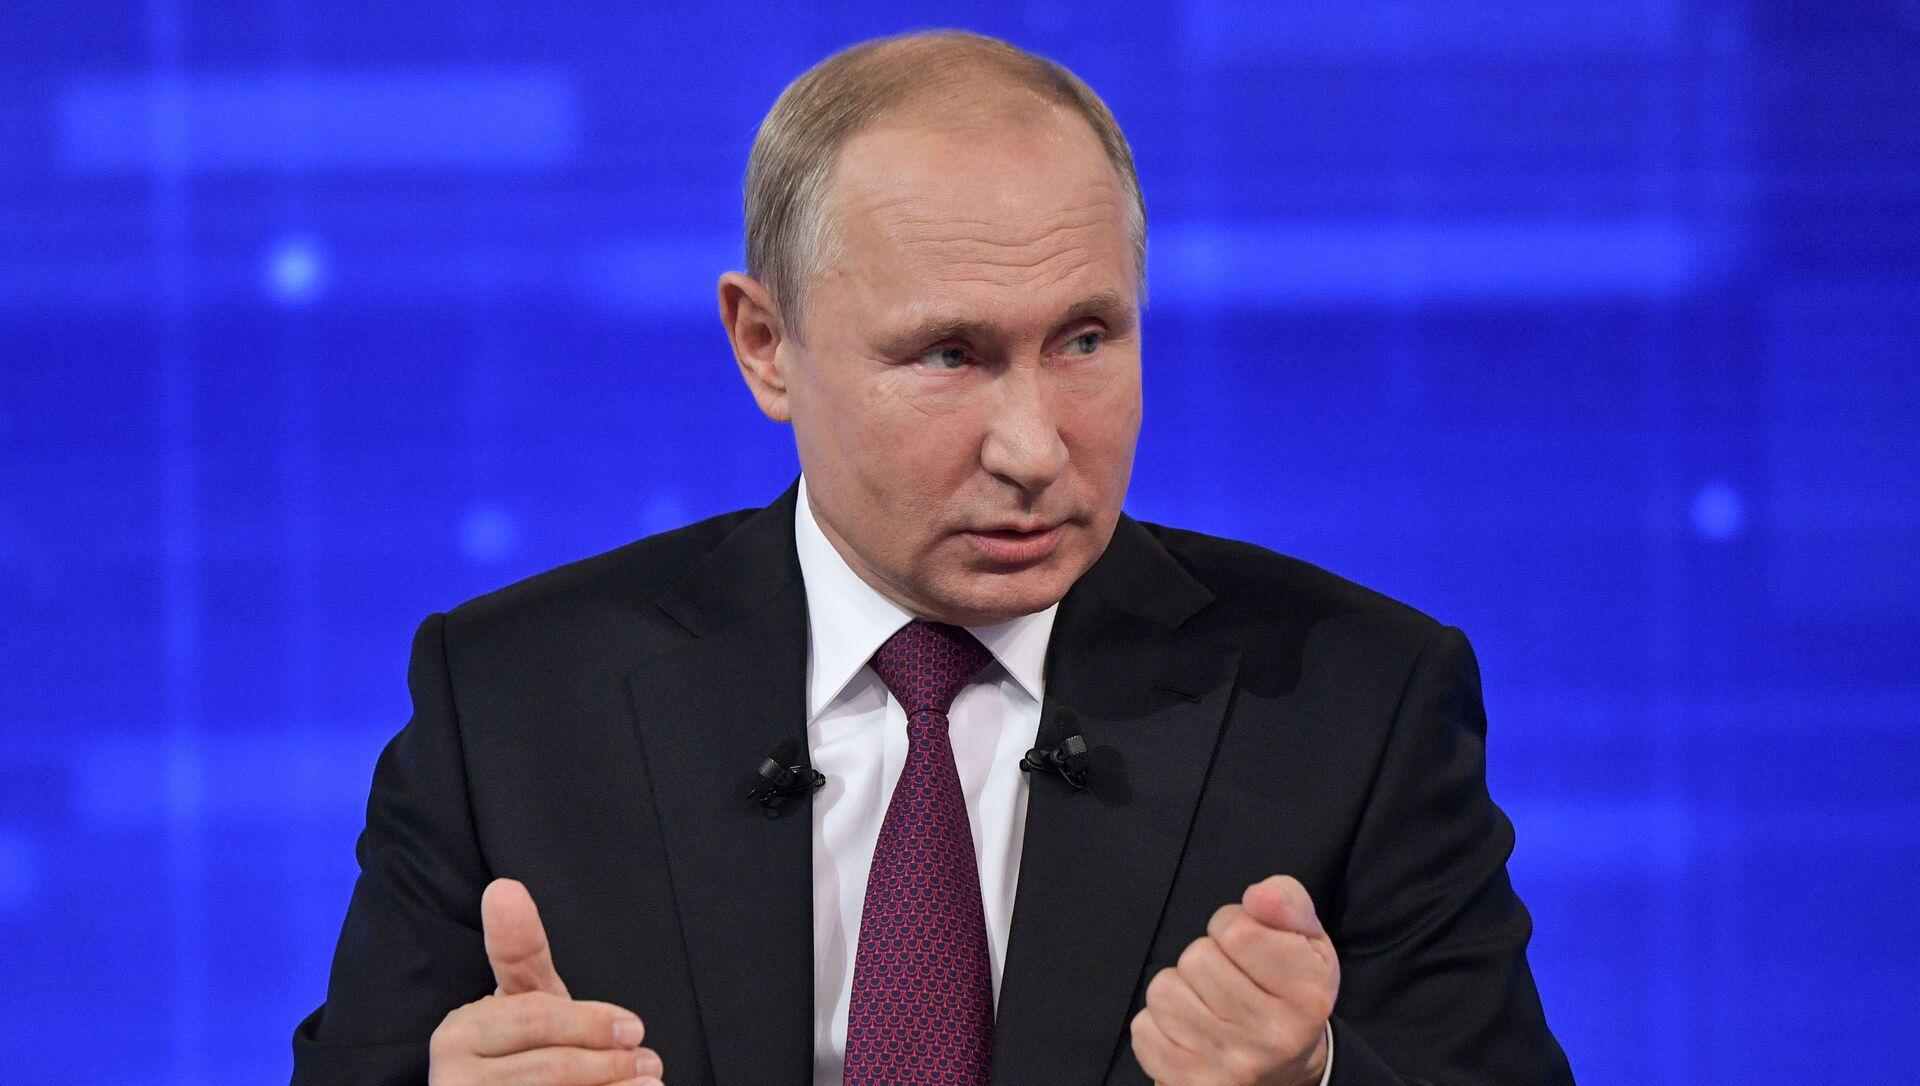 Giao lưu trực tuyến với Tổng thống Vladimir Putin 2019 - Sputnik Việt Nam, 1920, 25.06.2021